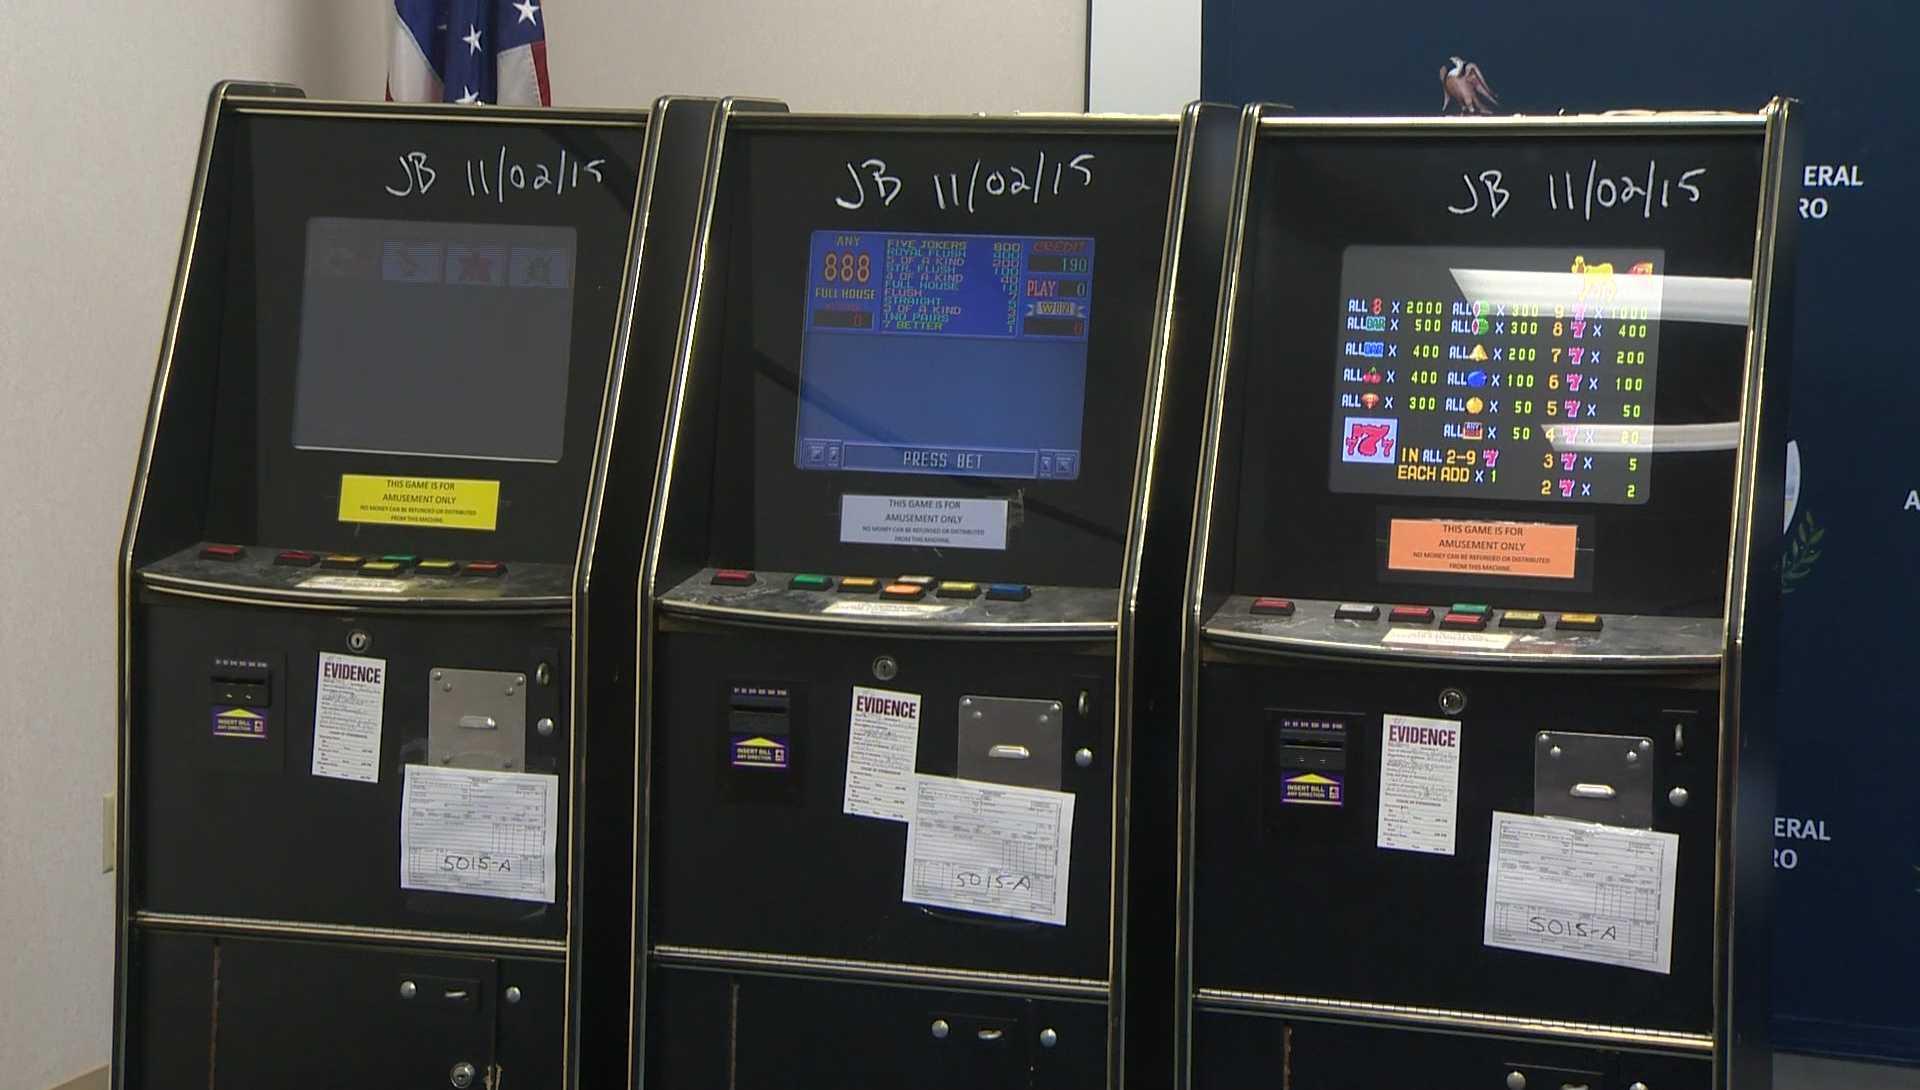 Gambling targets poor mandarin online casino